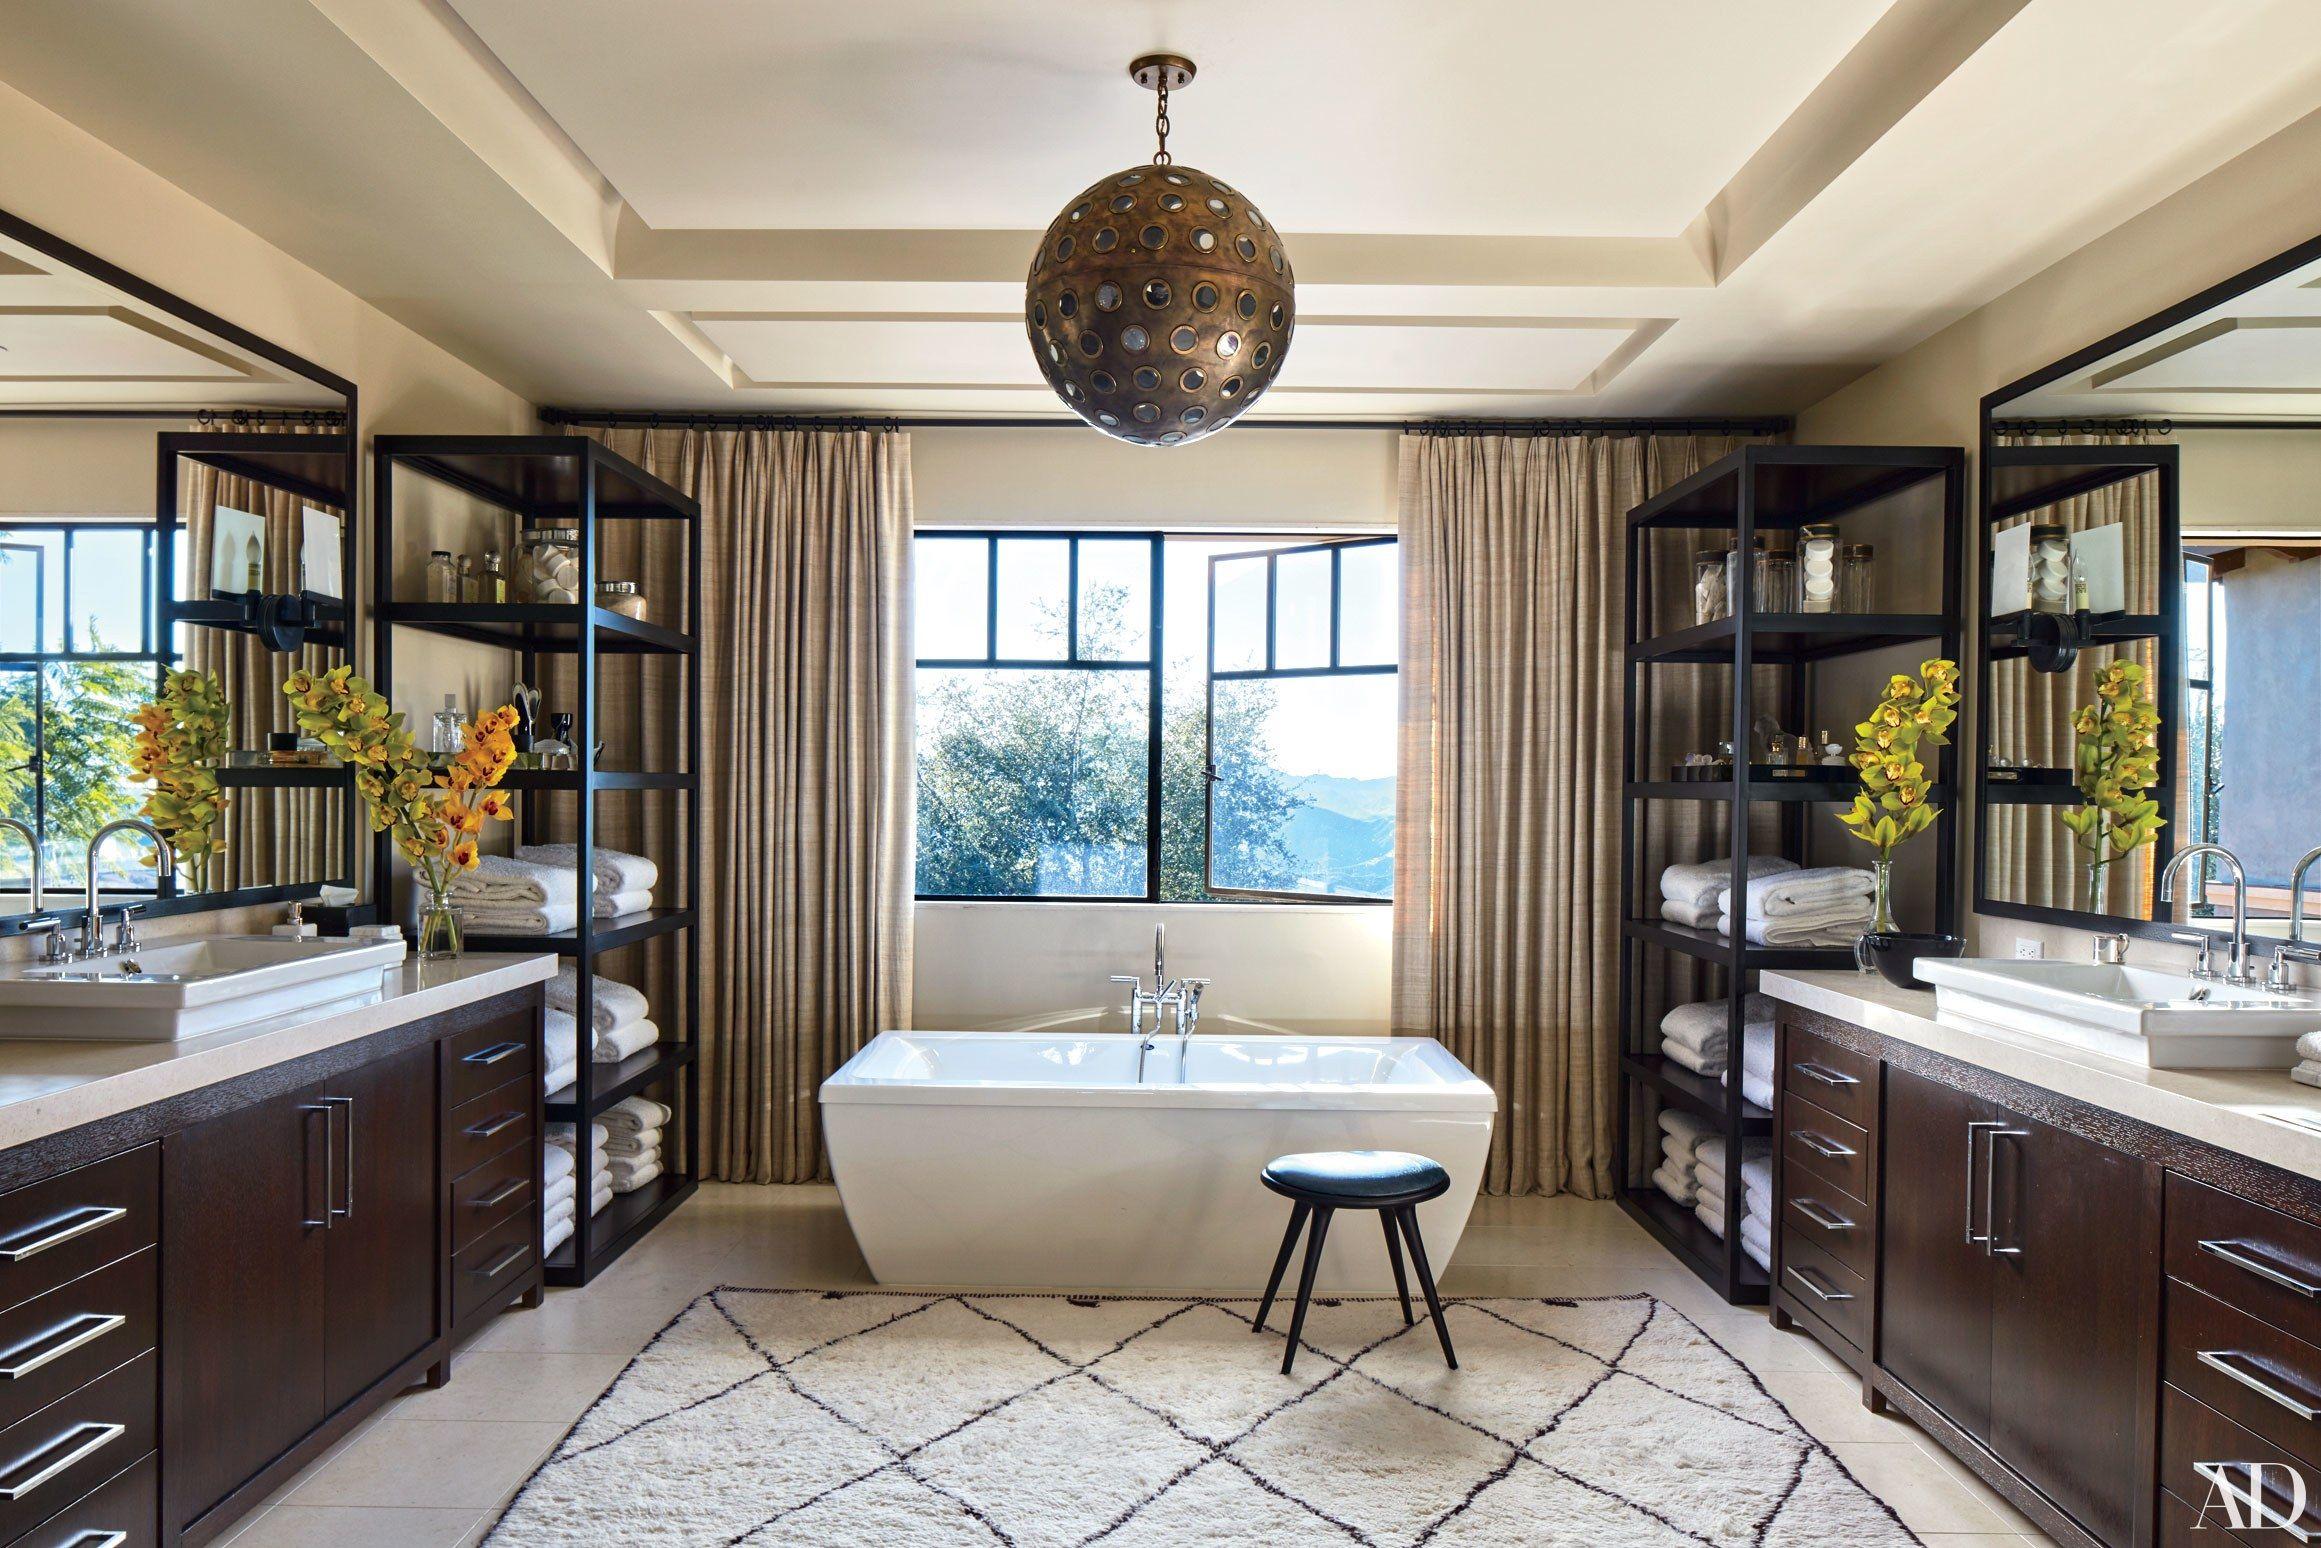 Bildresultat för luxury bathrooms